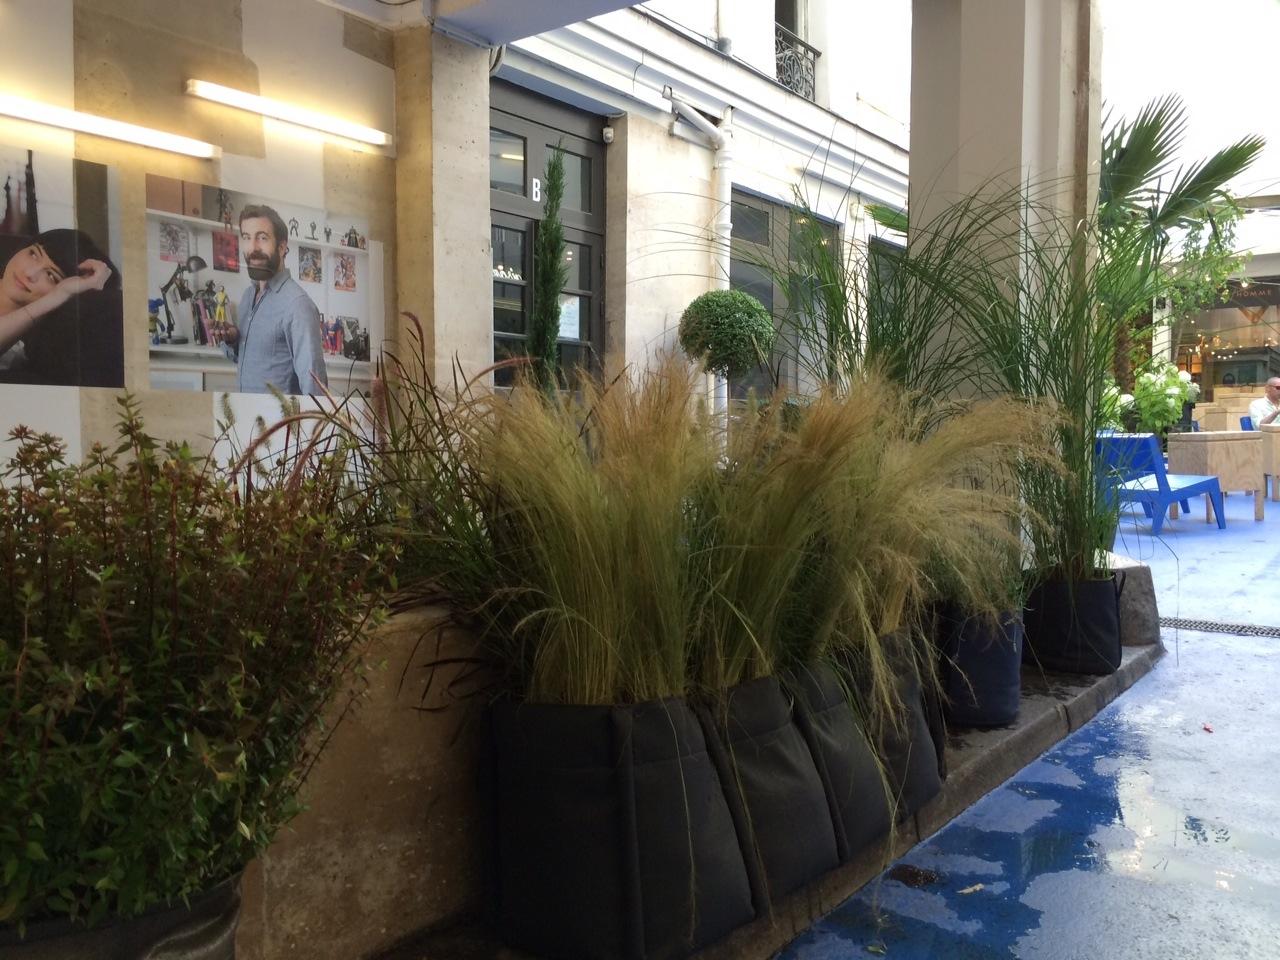 Salon de jardin 59 - Salon de jardin haussmann paris garden design ...